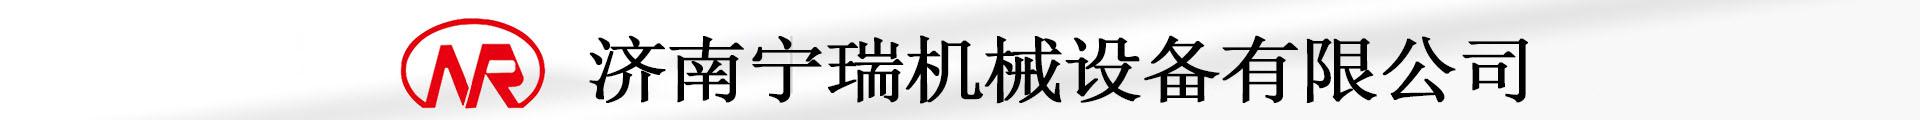 濟南寧瑞機械設備有限公司